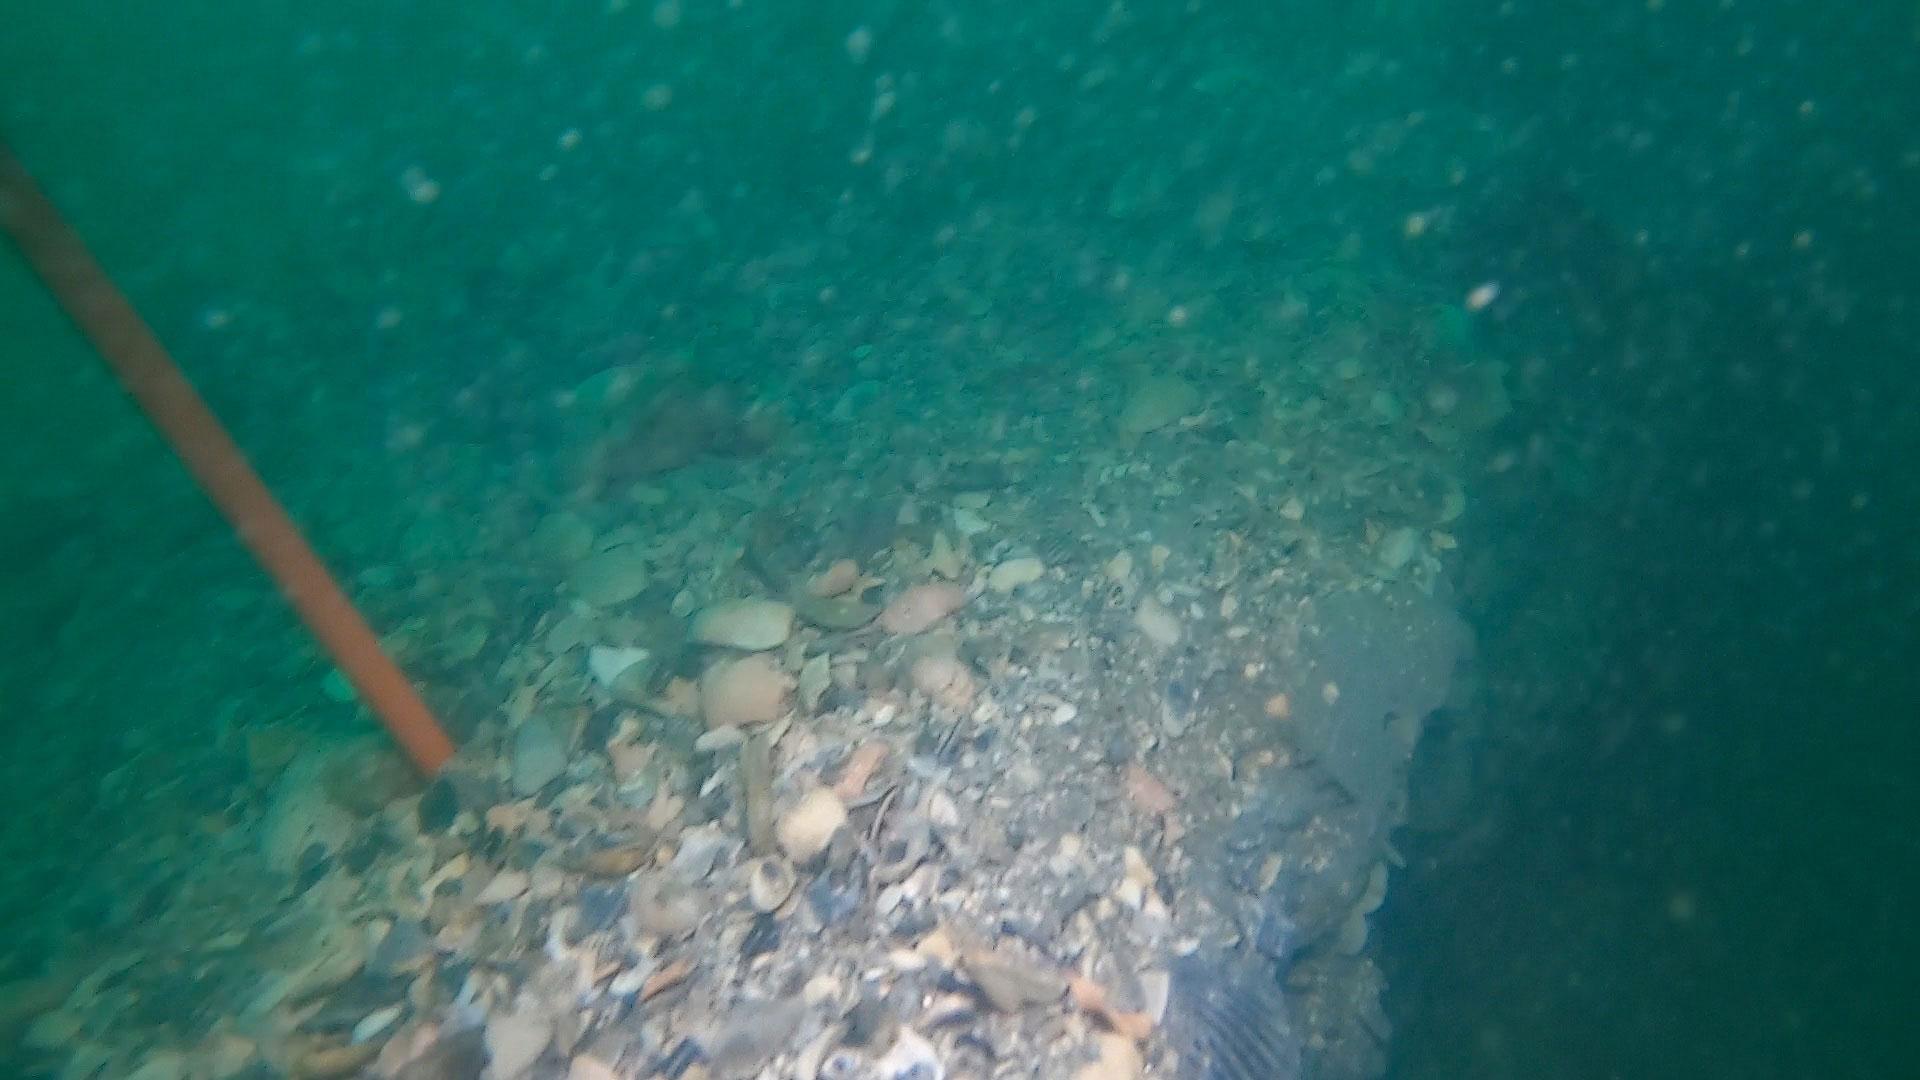 Seafarer-Exploration-Corp-SeaSearcher-Hydro-Probe-Dredge-Hole